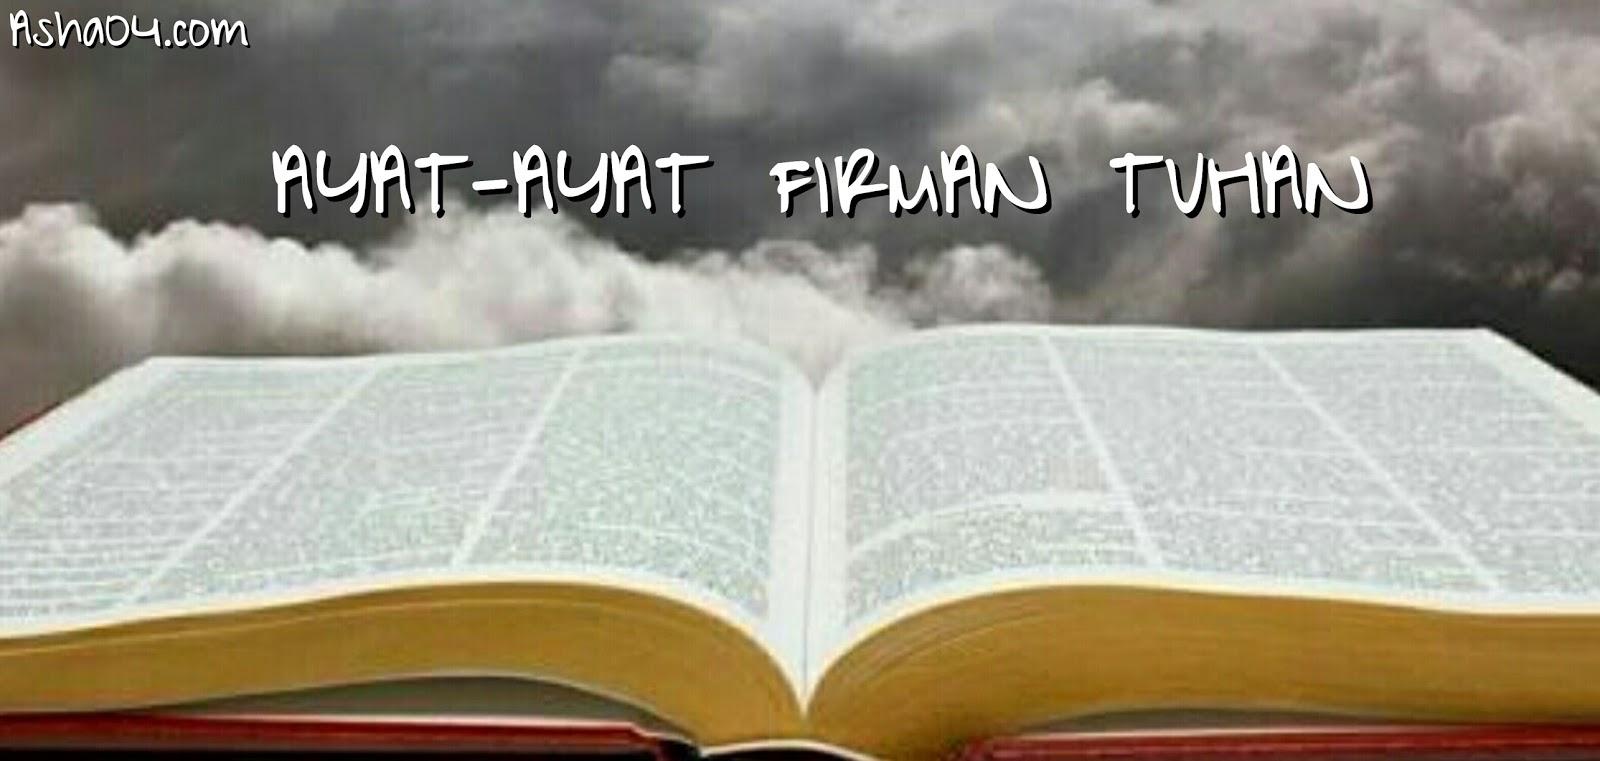 Kumpulan Ucapan SELAMAT ULANG TAHUN Dengan Menggunakan Ayat Ayat